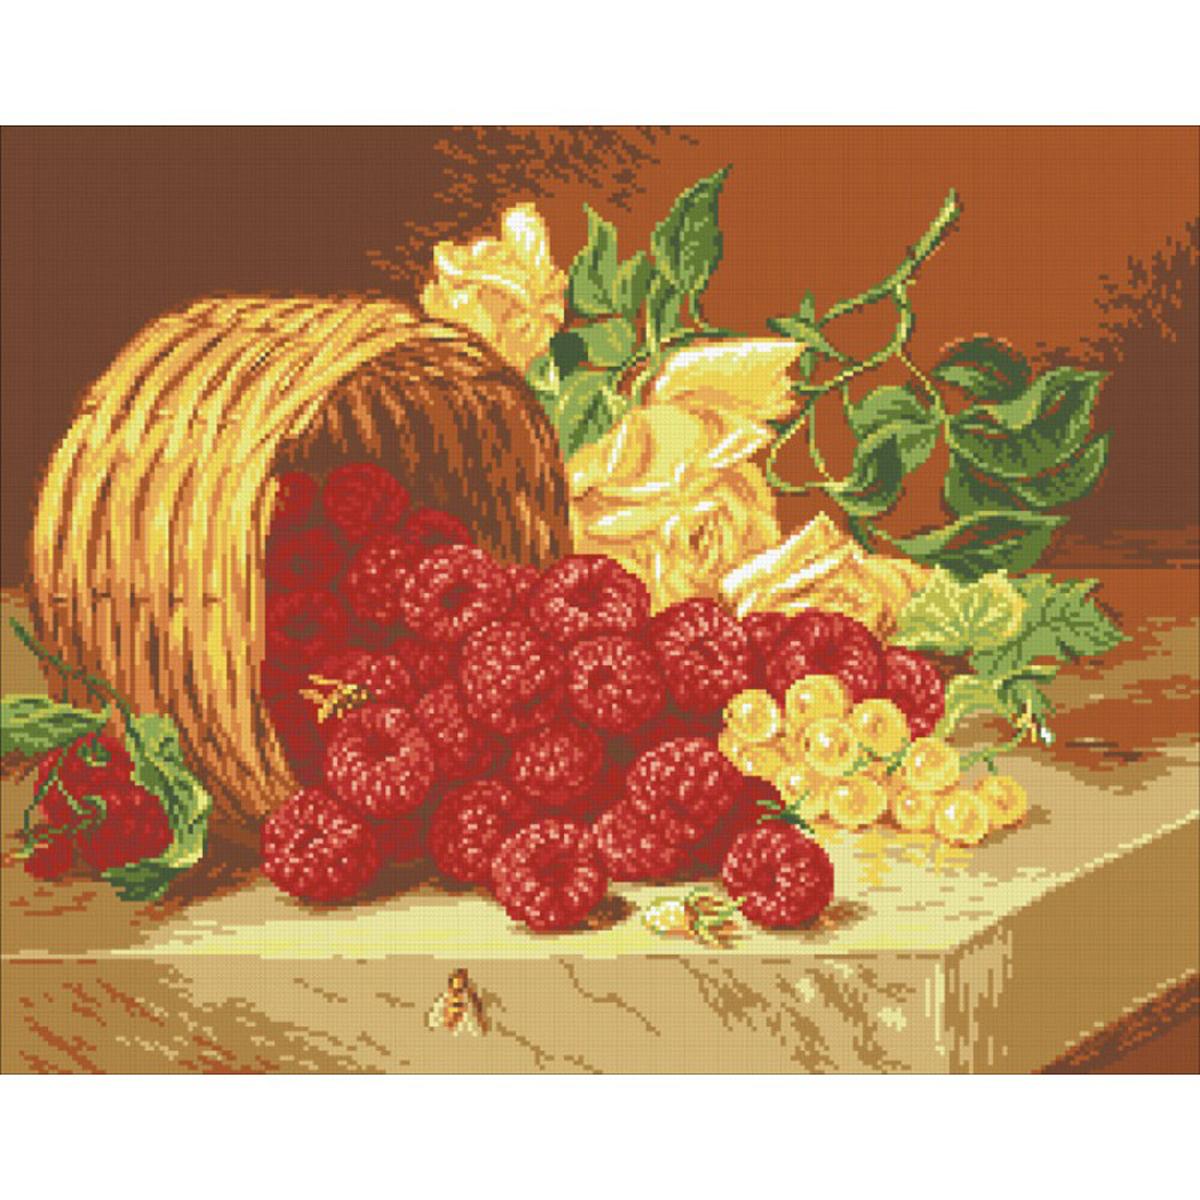 Набор для изготовления картины со стразами Паутинка Малина , 46 х 58 см486728Состав набора: мозаика — 20 цветов, холст с нанесенным рисунком и клеевым слоем, пинцет, подробная инструкция.